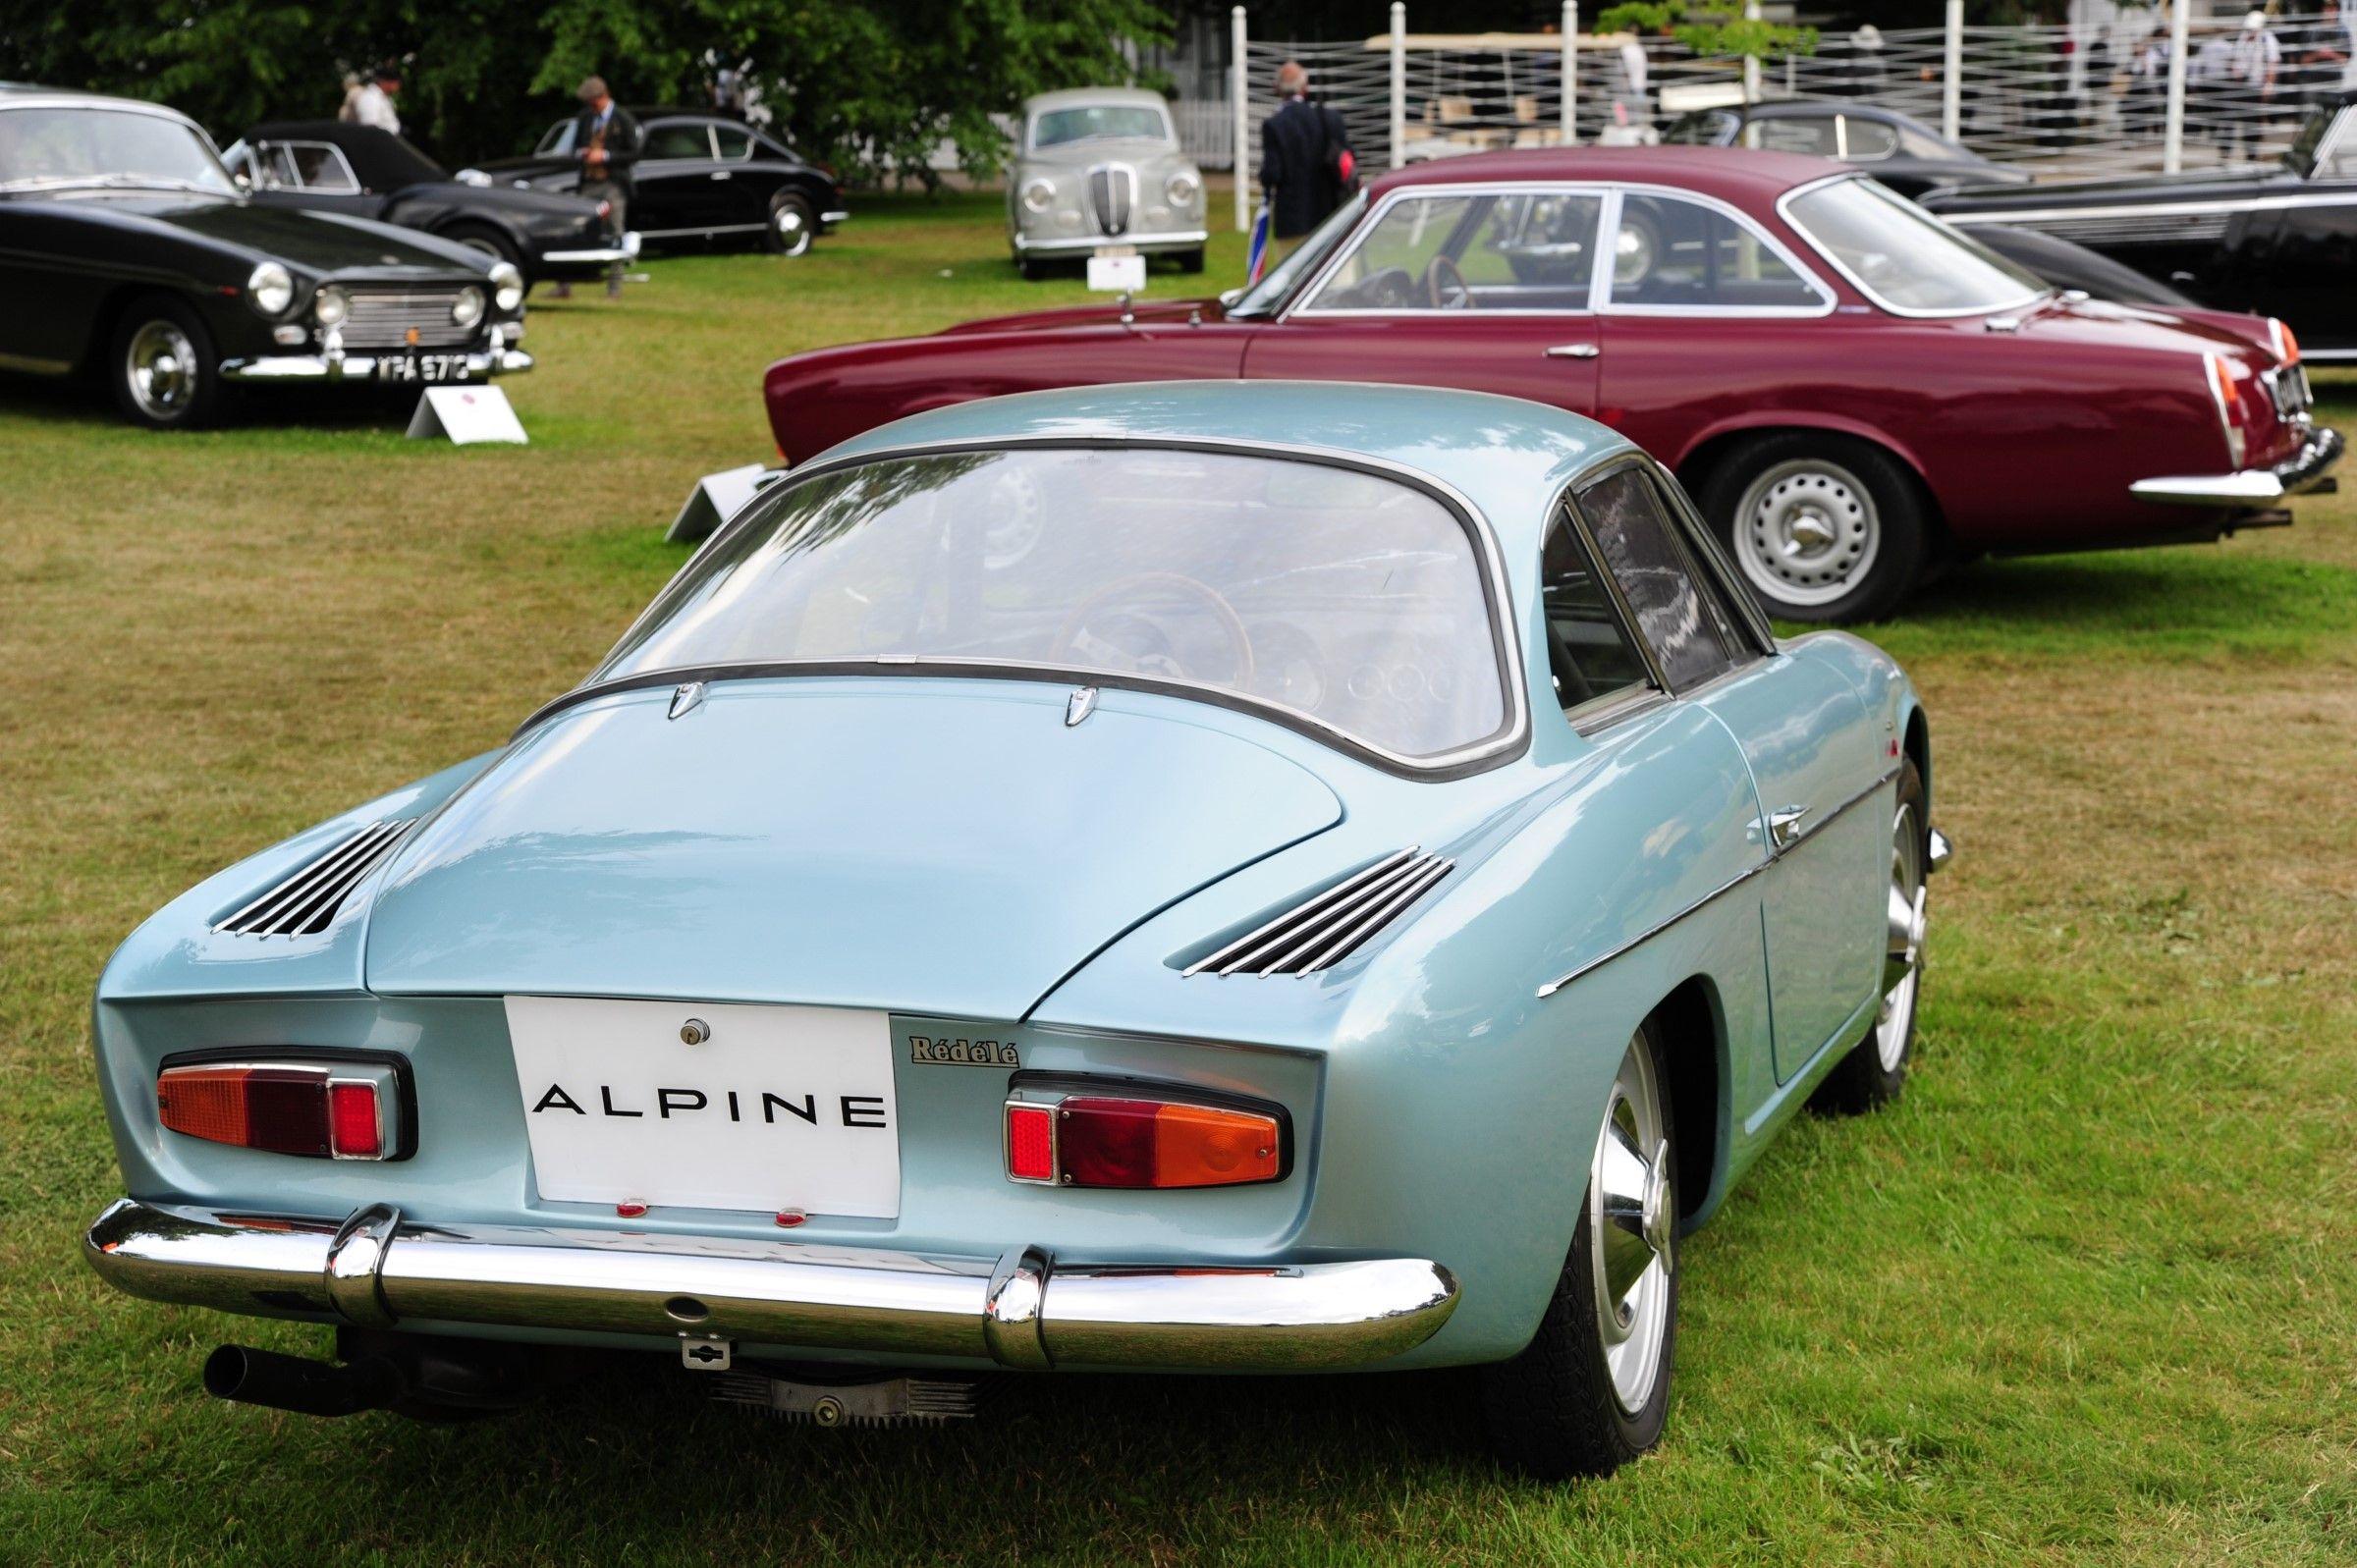 Alpine A110 1963 whichcar com